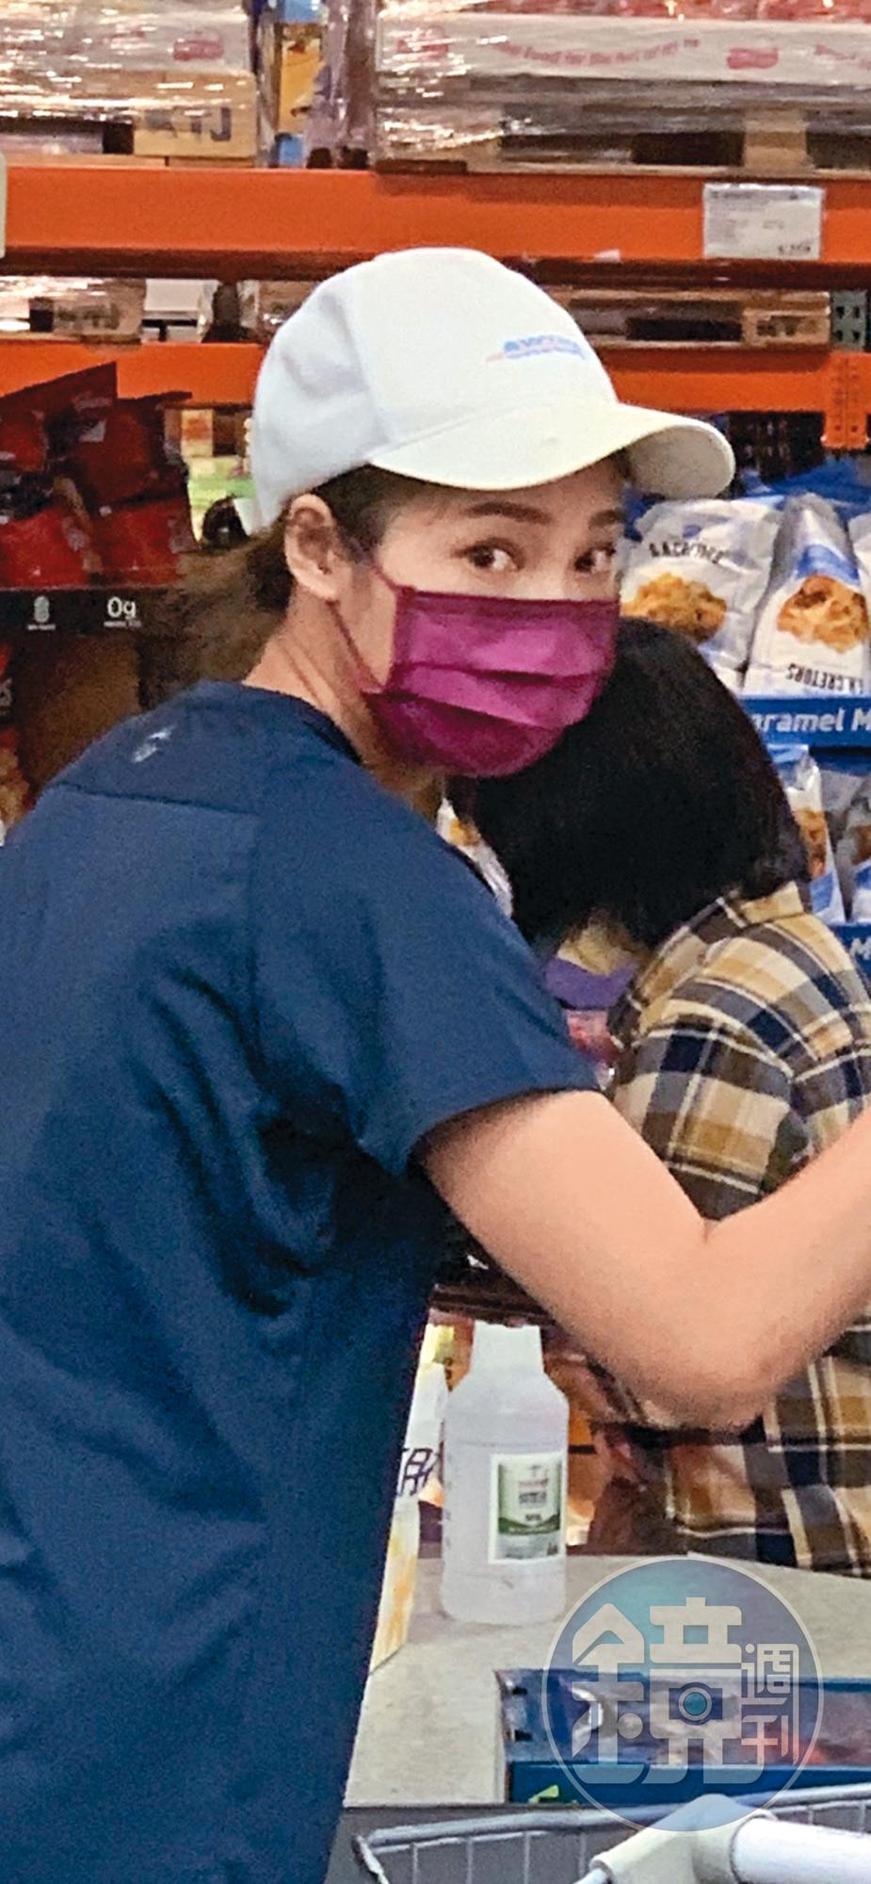 夢多新歡臉戴口罩,依舊看得出眉目清秀。(讀者提供)